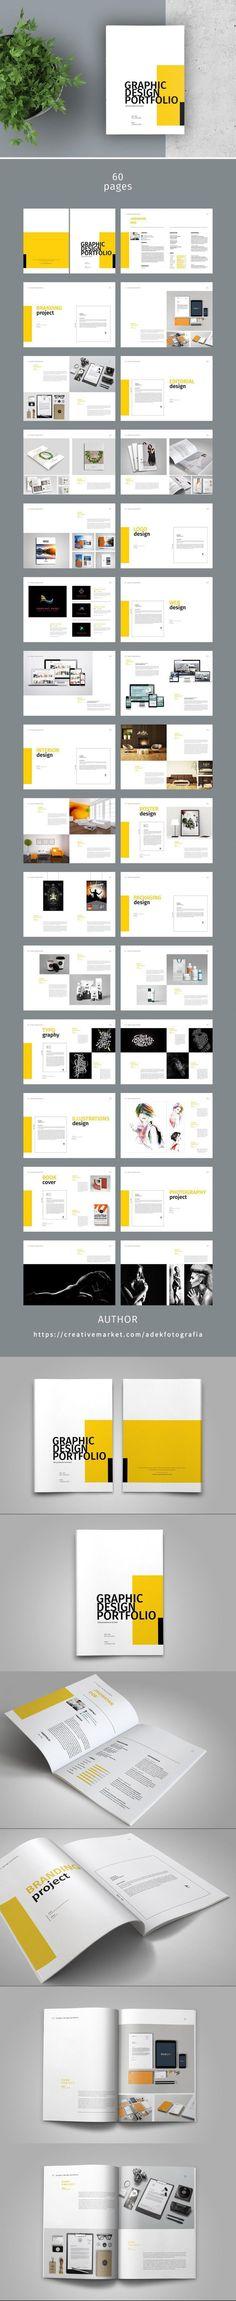 Graphic Design Portfolio Template #portfolio #BrochureTemplates #logobranding #PortfolioTemplates #moderntemplate #proposal #PortfolioTemplate #photographer #graphicdesign #indesigntemplate #PortfolioBrochure #corporateidentity #portfoliotemplate #PortfolioTemplates #BrochureDesign #graphicdesign #weddingalbum #PortfolioTemplates #portfolio Stationery Printing, Stationery Design, Brochure Design, Indesign Templates, Brochure Template, Print Design, Graphic Design, Portfolio Design, Brochures